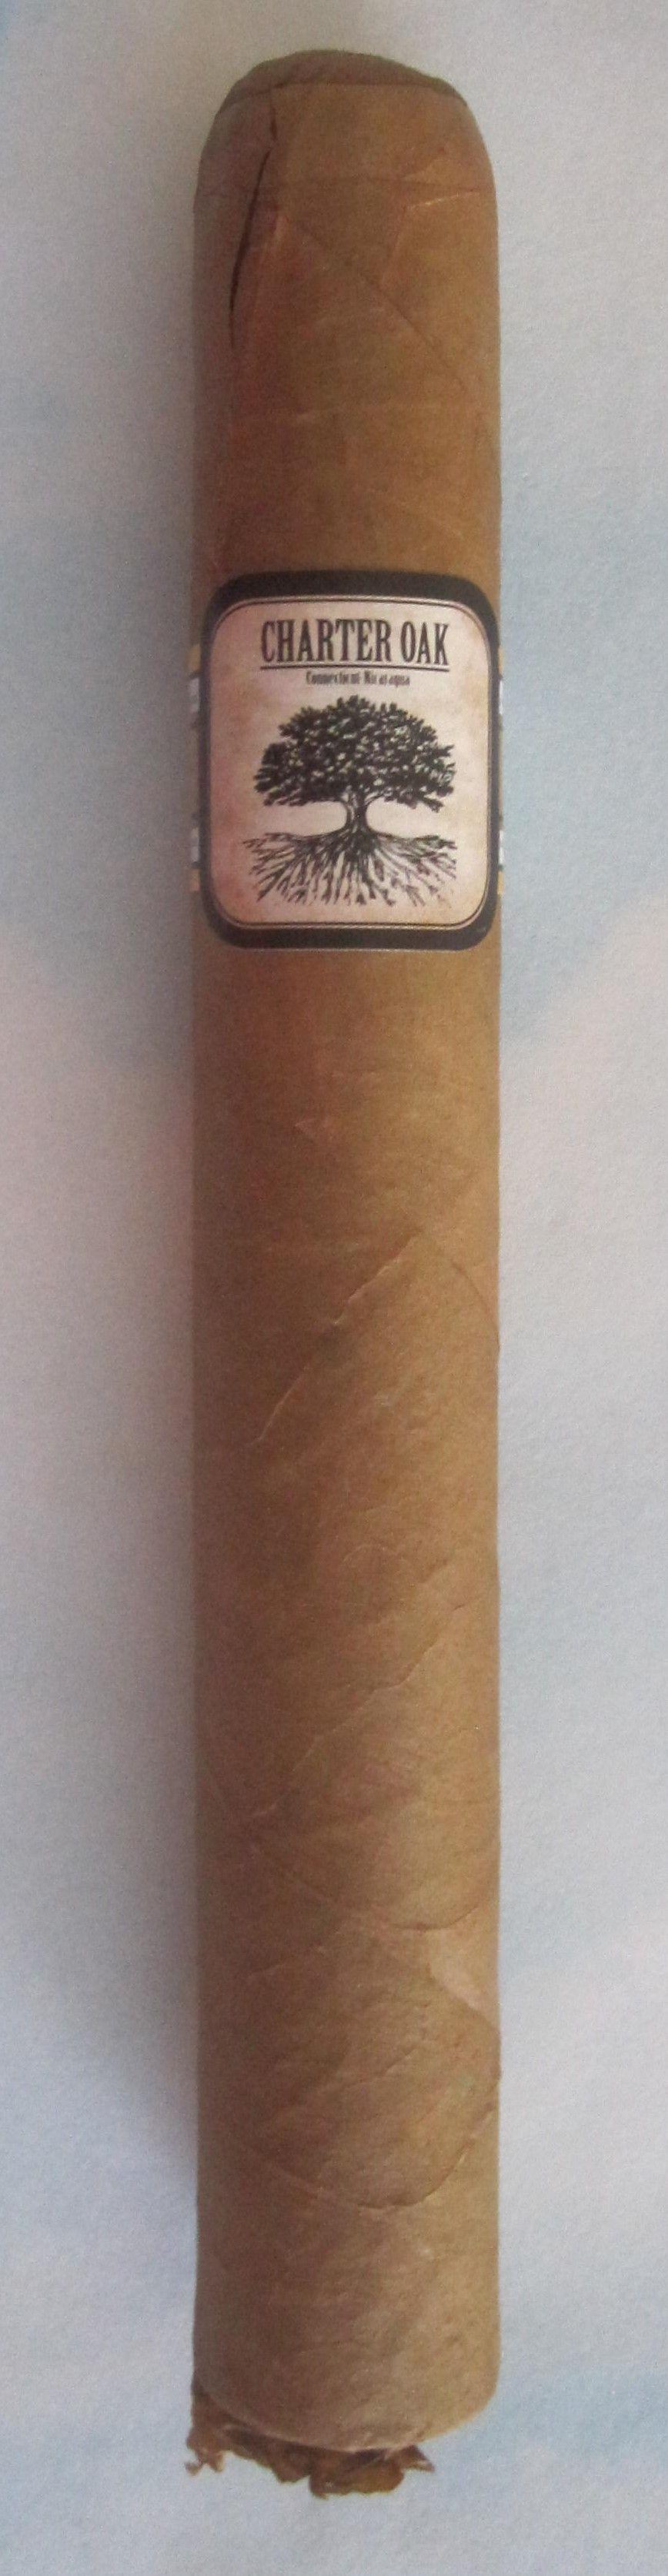 Charter Oak Cigar